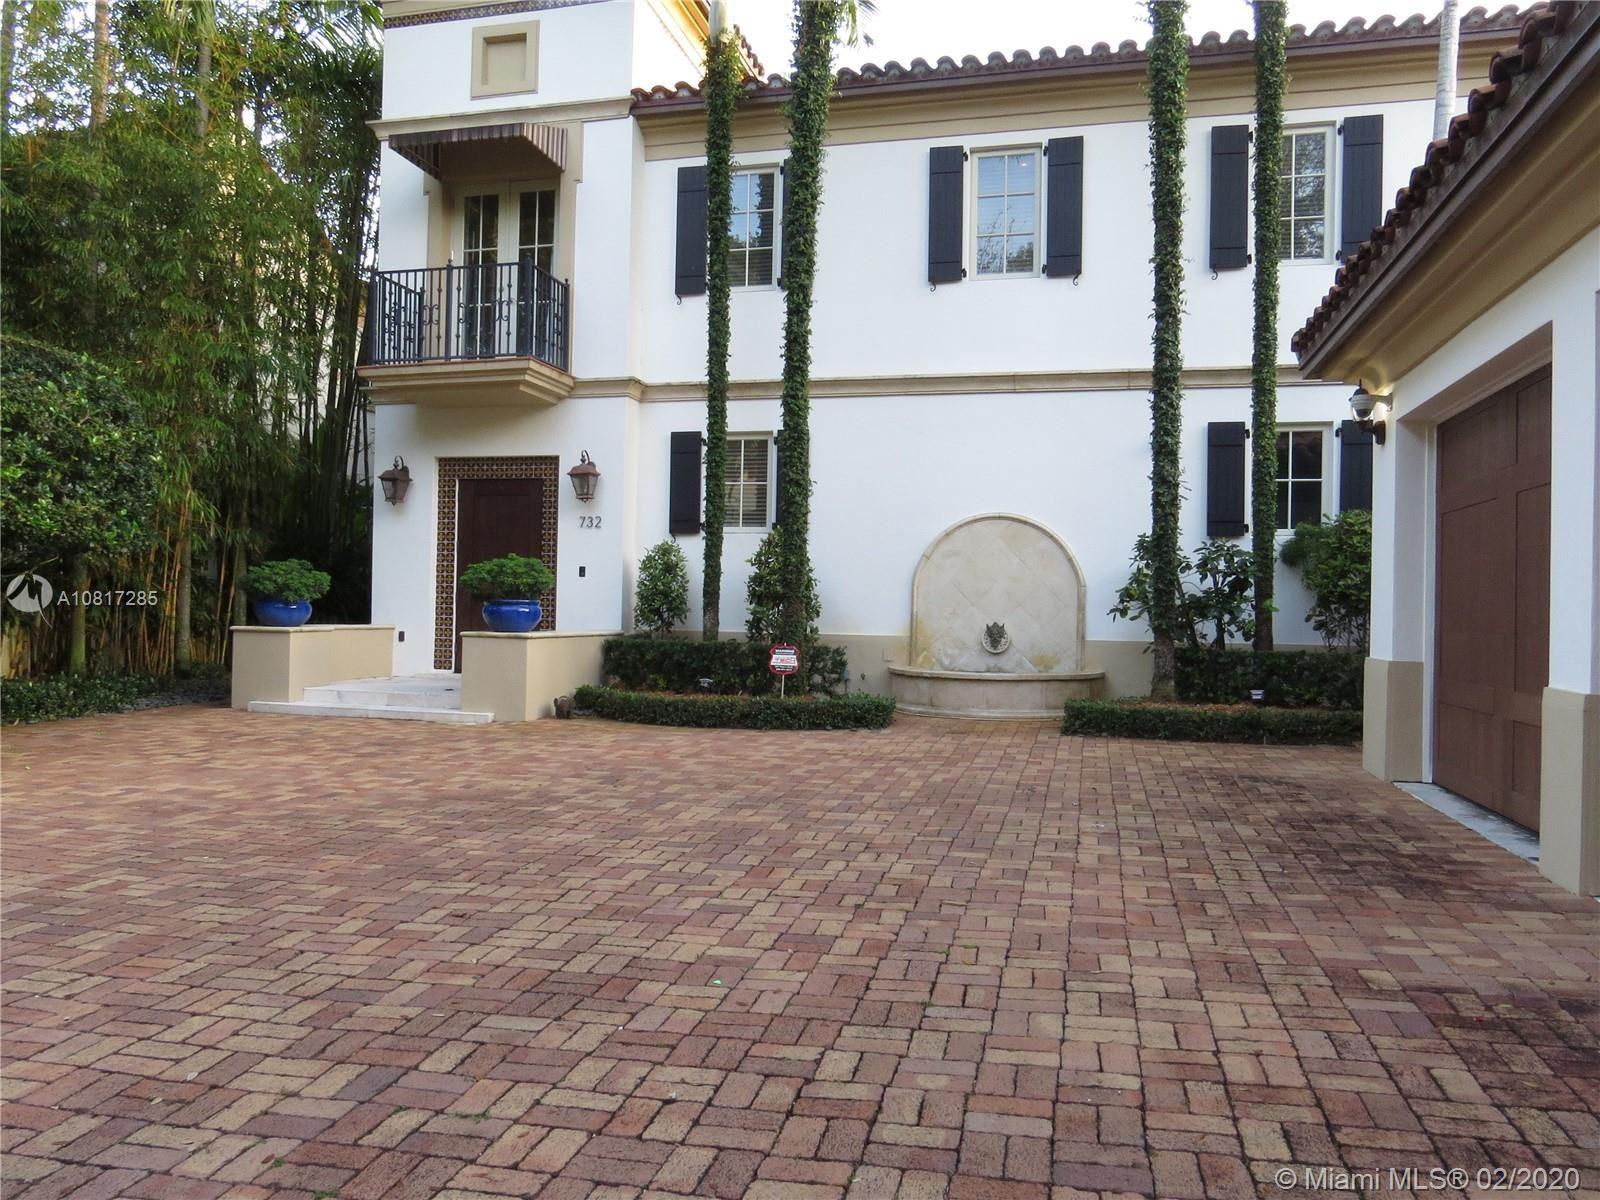 732 Almeria Ave, Coral Gables, FL 33134 - #: A10817285